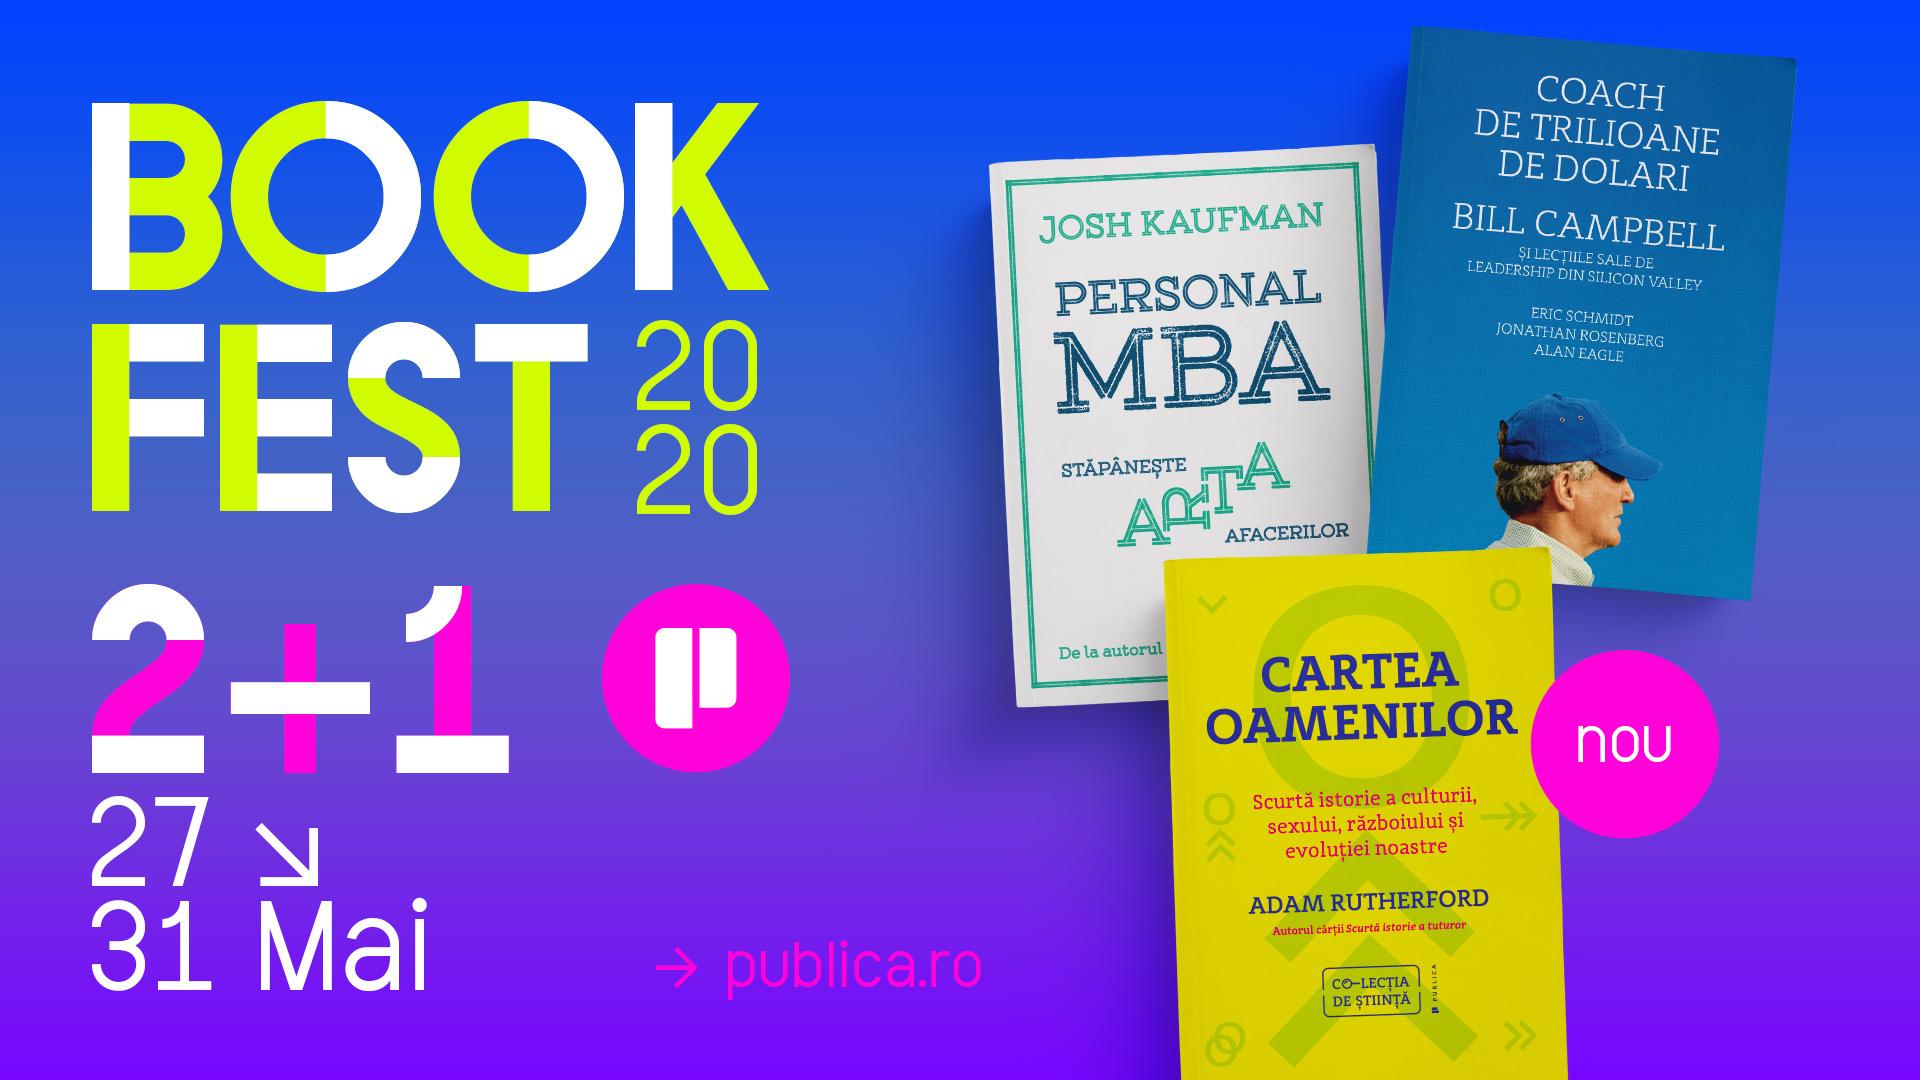 Bookfest 2020: trei cărți noi și o ofertă bună